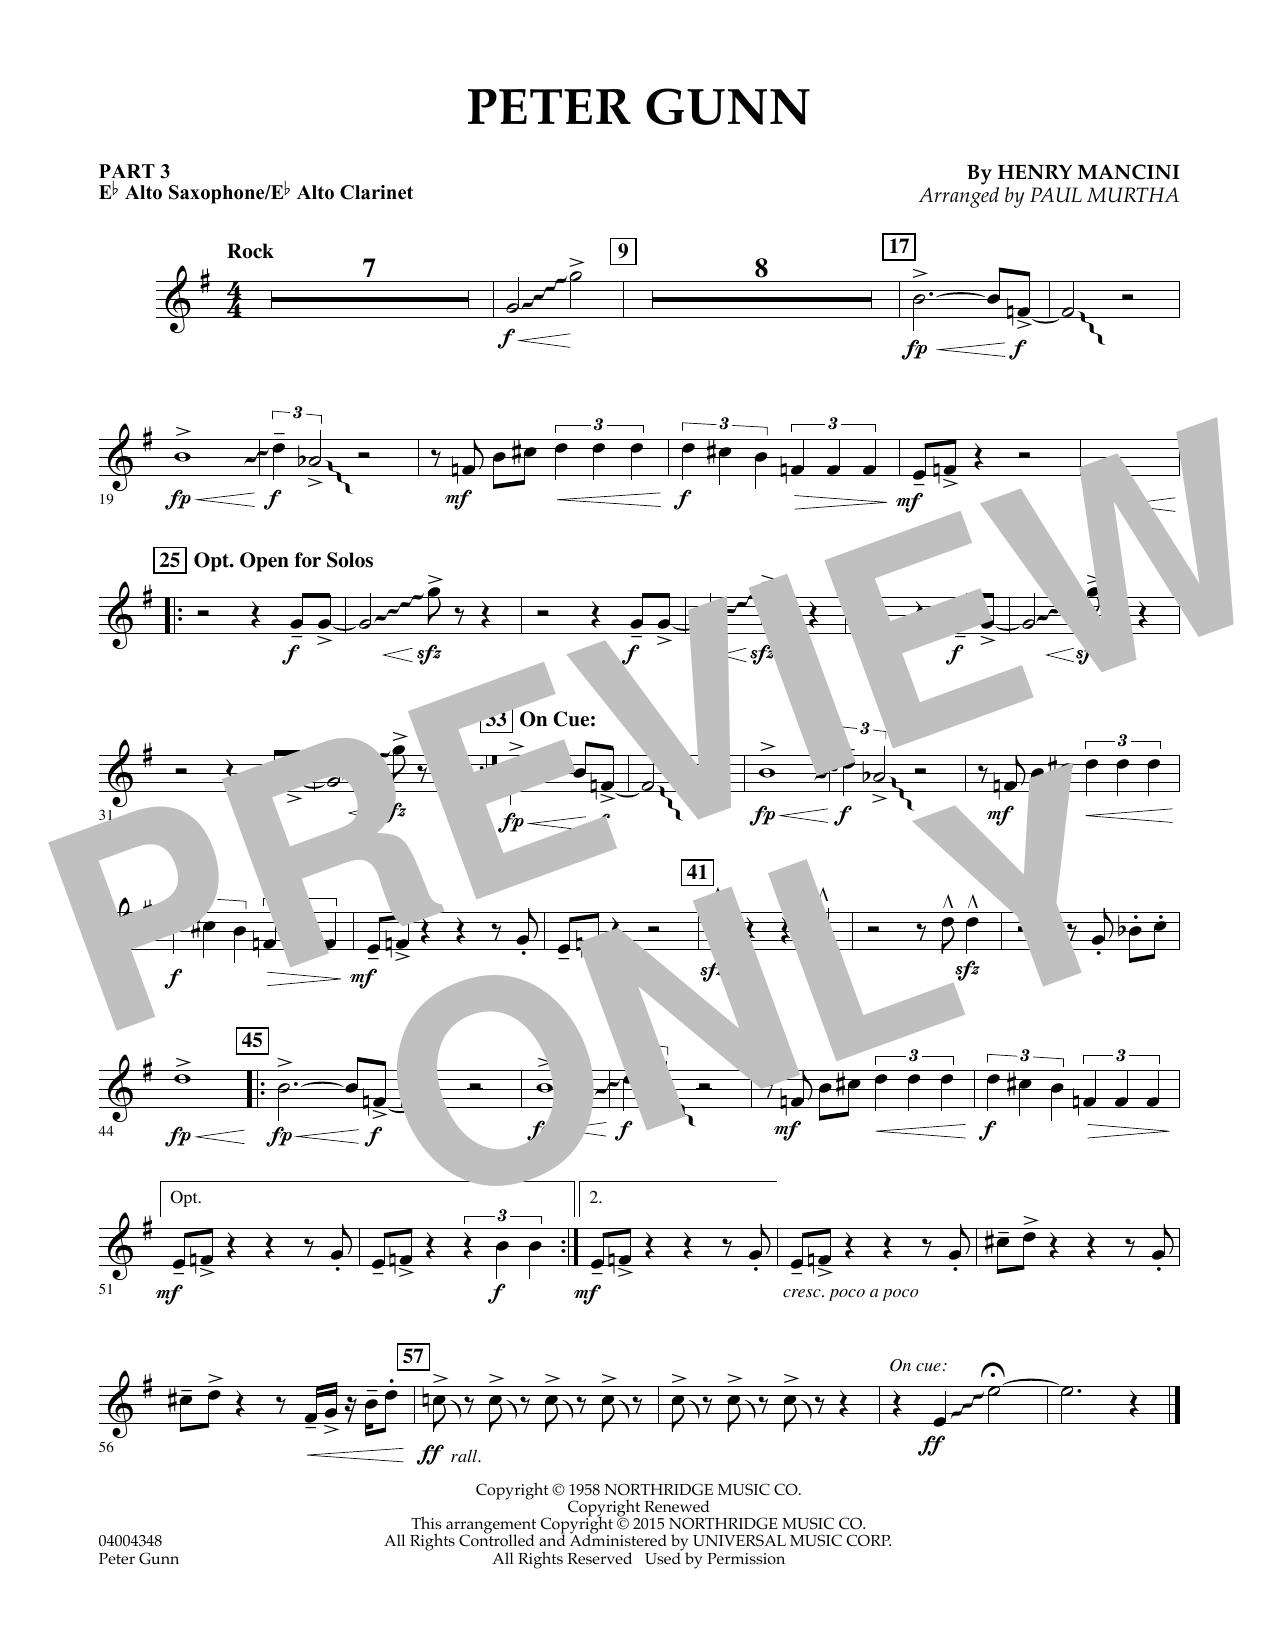 Peter Gunn - Pt.3 - Eb Alto Sax/Alto Clar. (Concert Band: Flex-Band)